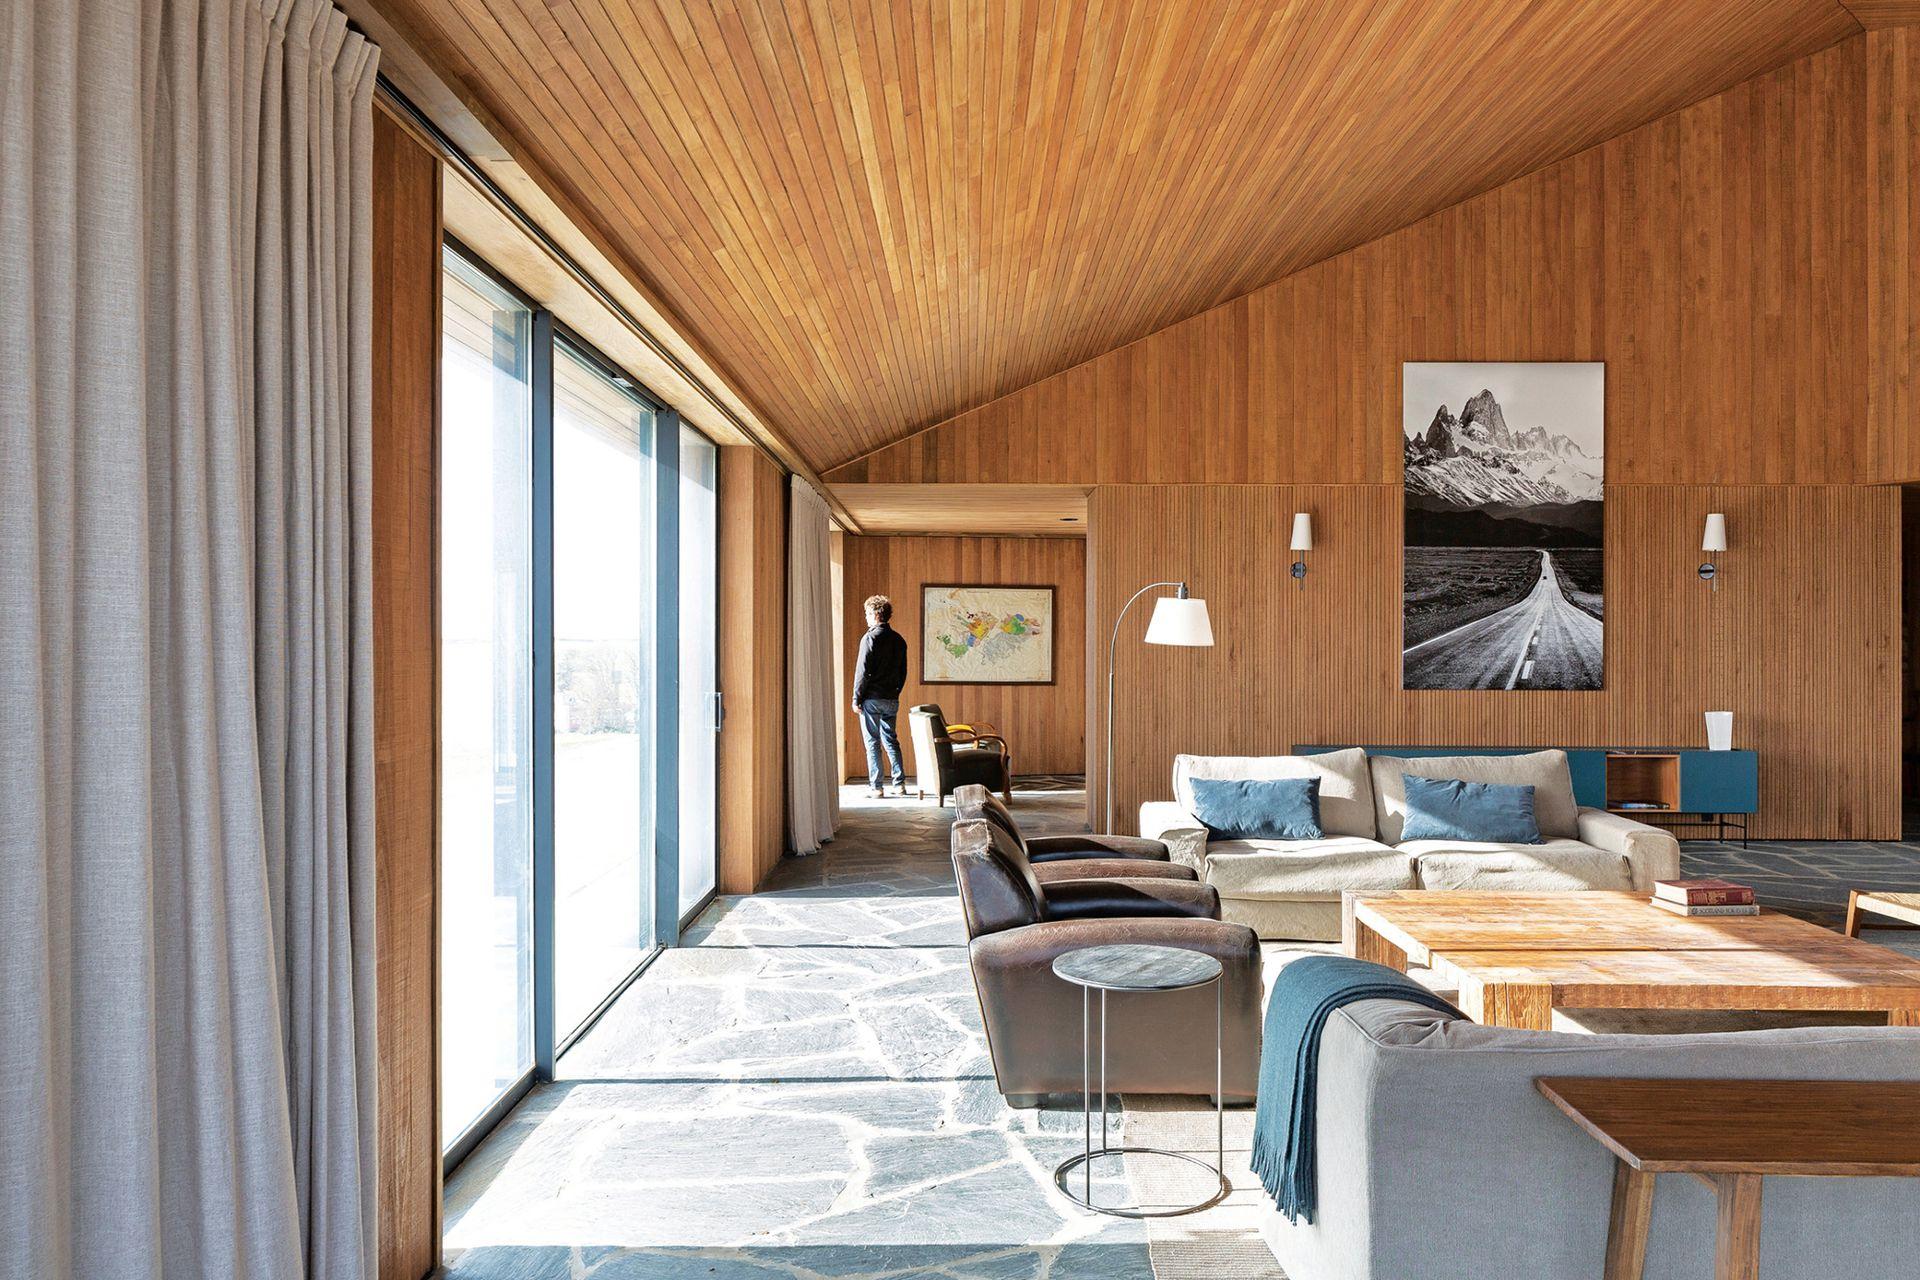 El área del living está equipada con varios sofás (Landmark) y mesa ratona de madera (Paul French Gallery).